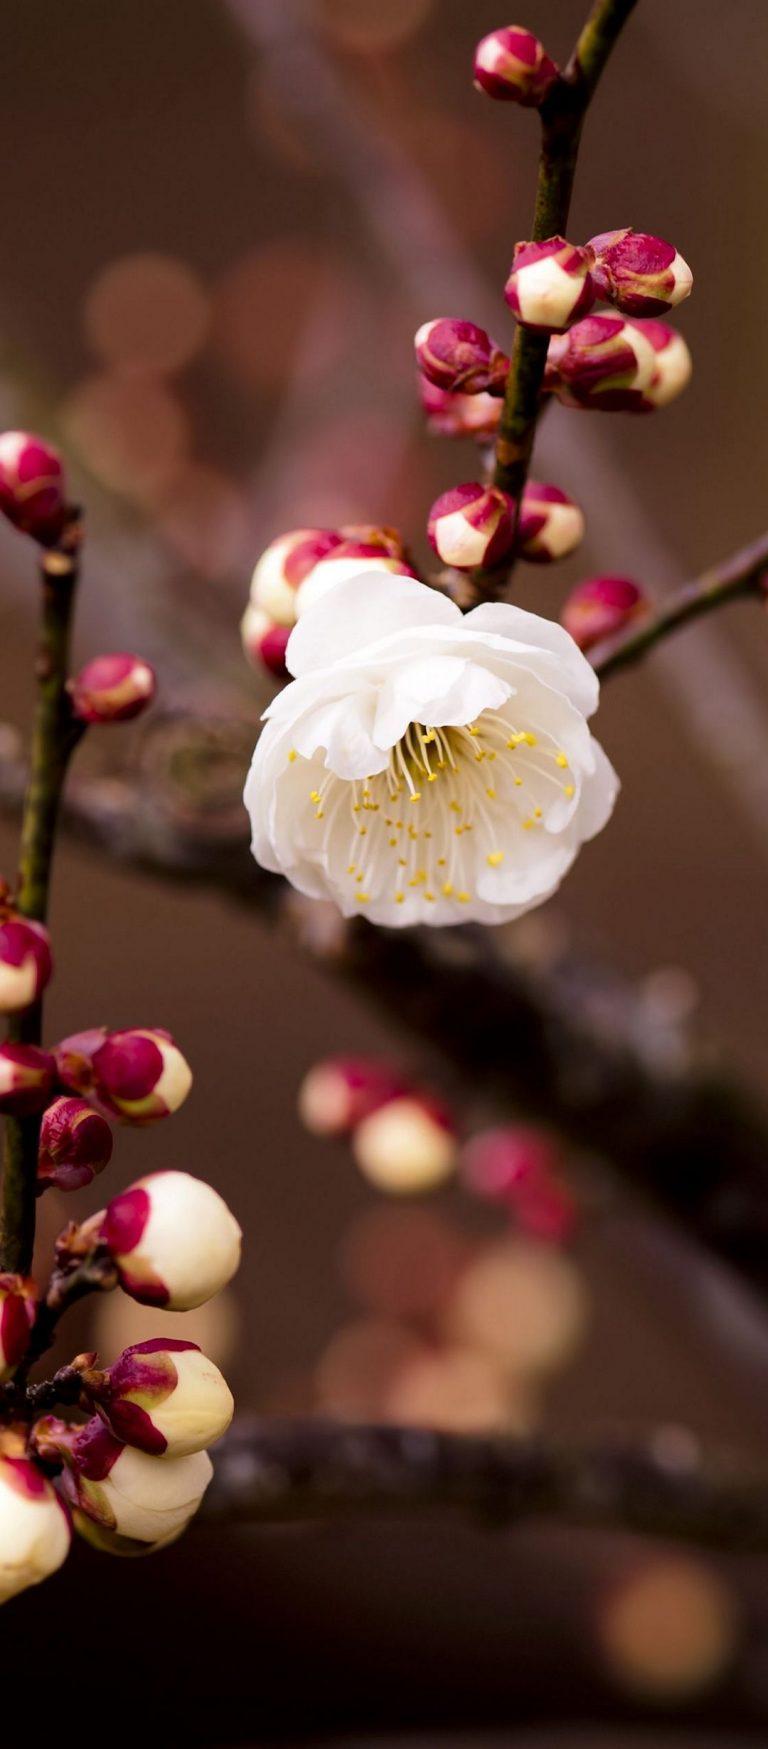 Plant Flower Blossom Branch Spring 1080x2460 768x1749